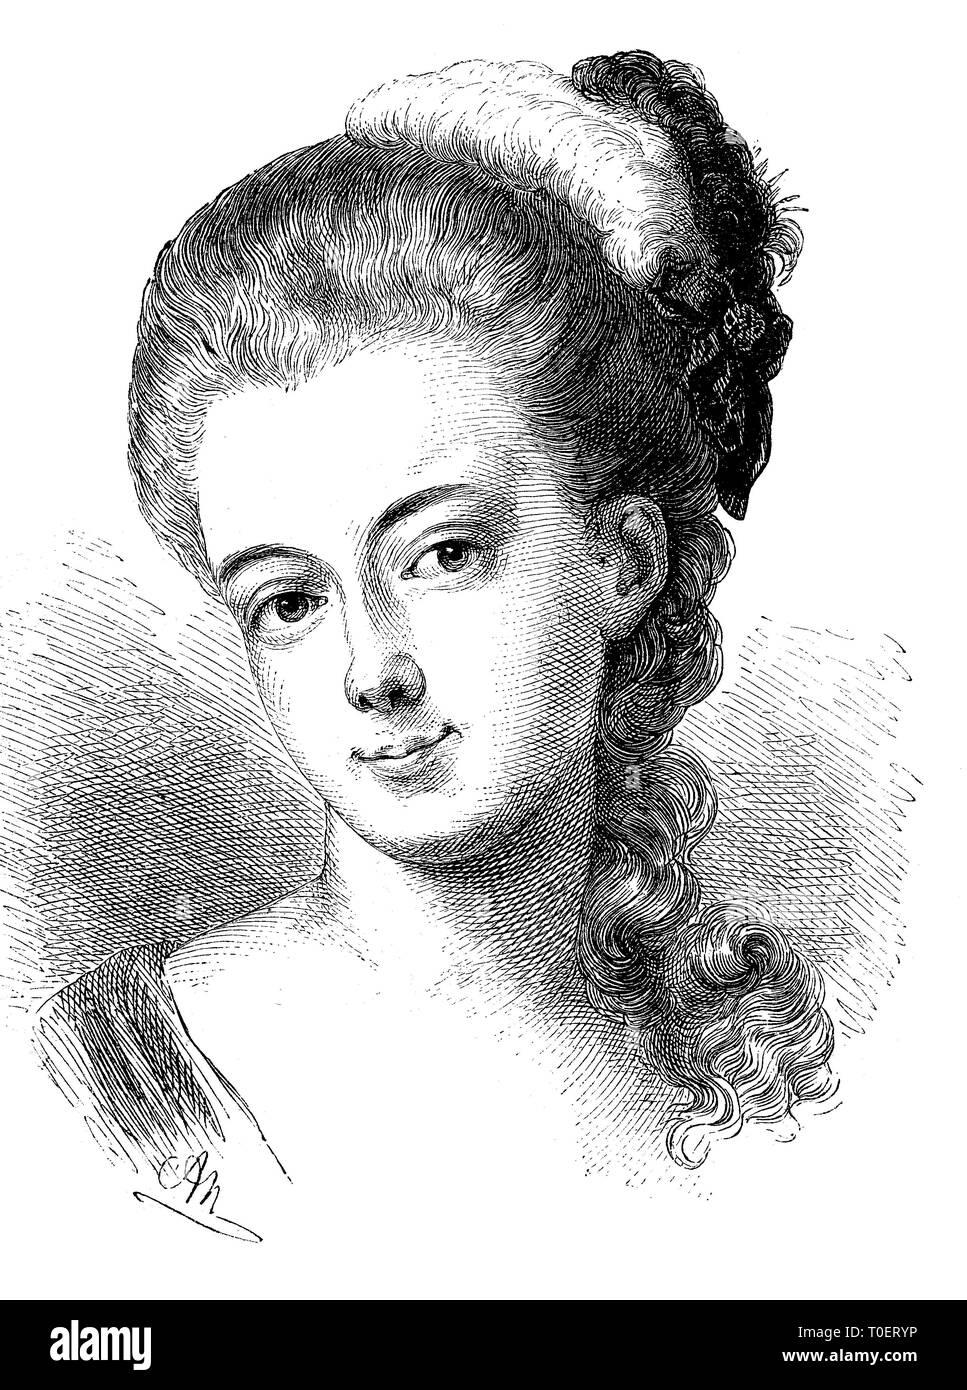 Augusta Molly Leonhard, born 1760, died 1786, molly Buerger, second wife of gottfried august Buerger, german poet, Germany   /  Augusta Molly Leonhard, born 1760, died 1786, Molly Bürger, zweite Ehefrau von Gottfried August Bürger, deutscher Dichter - Stock Image